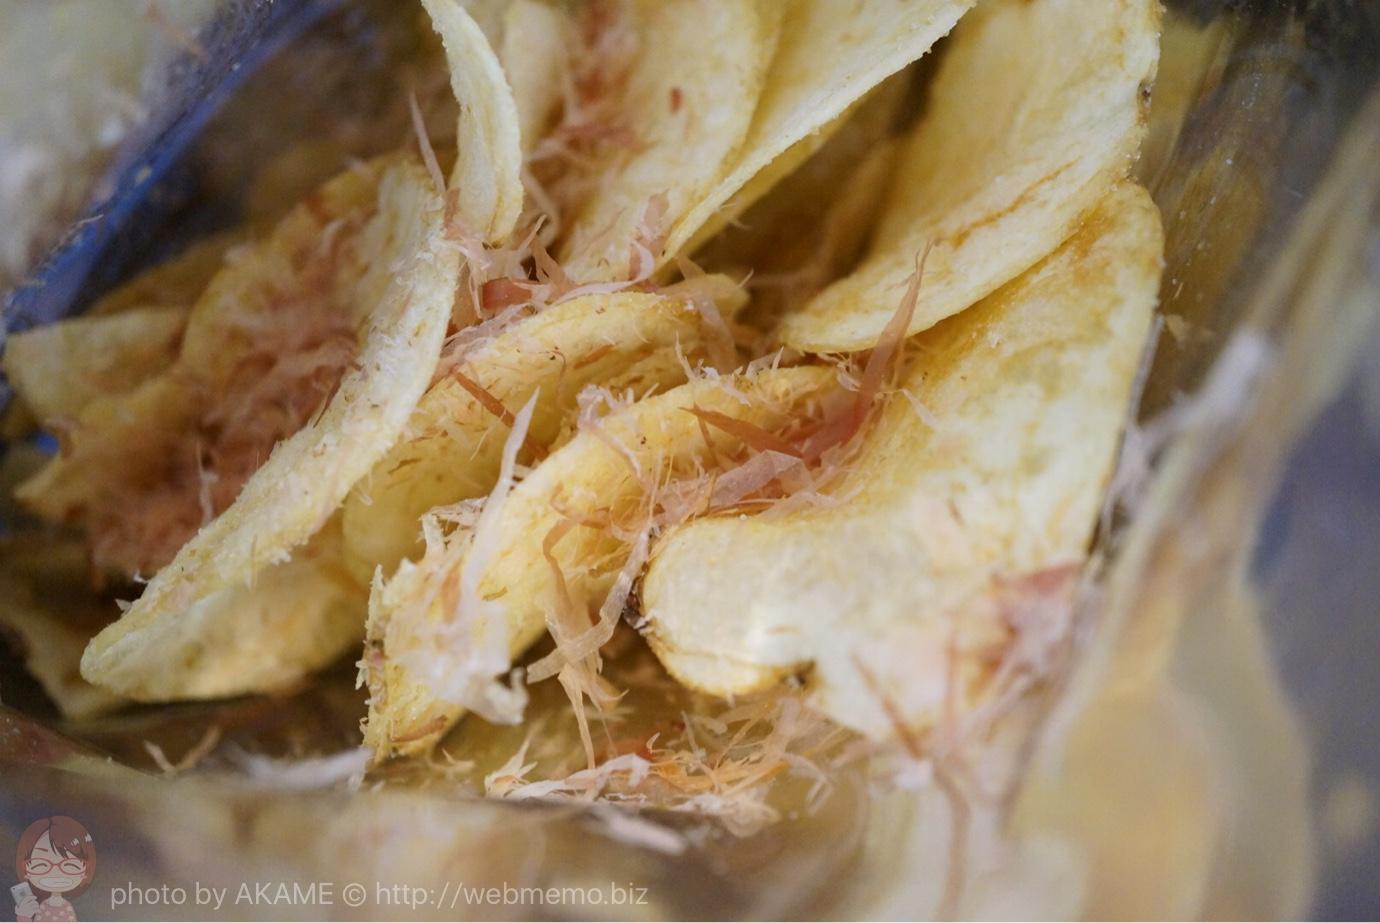 鰹節を振りかけたポテトチップスを食べた感想